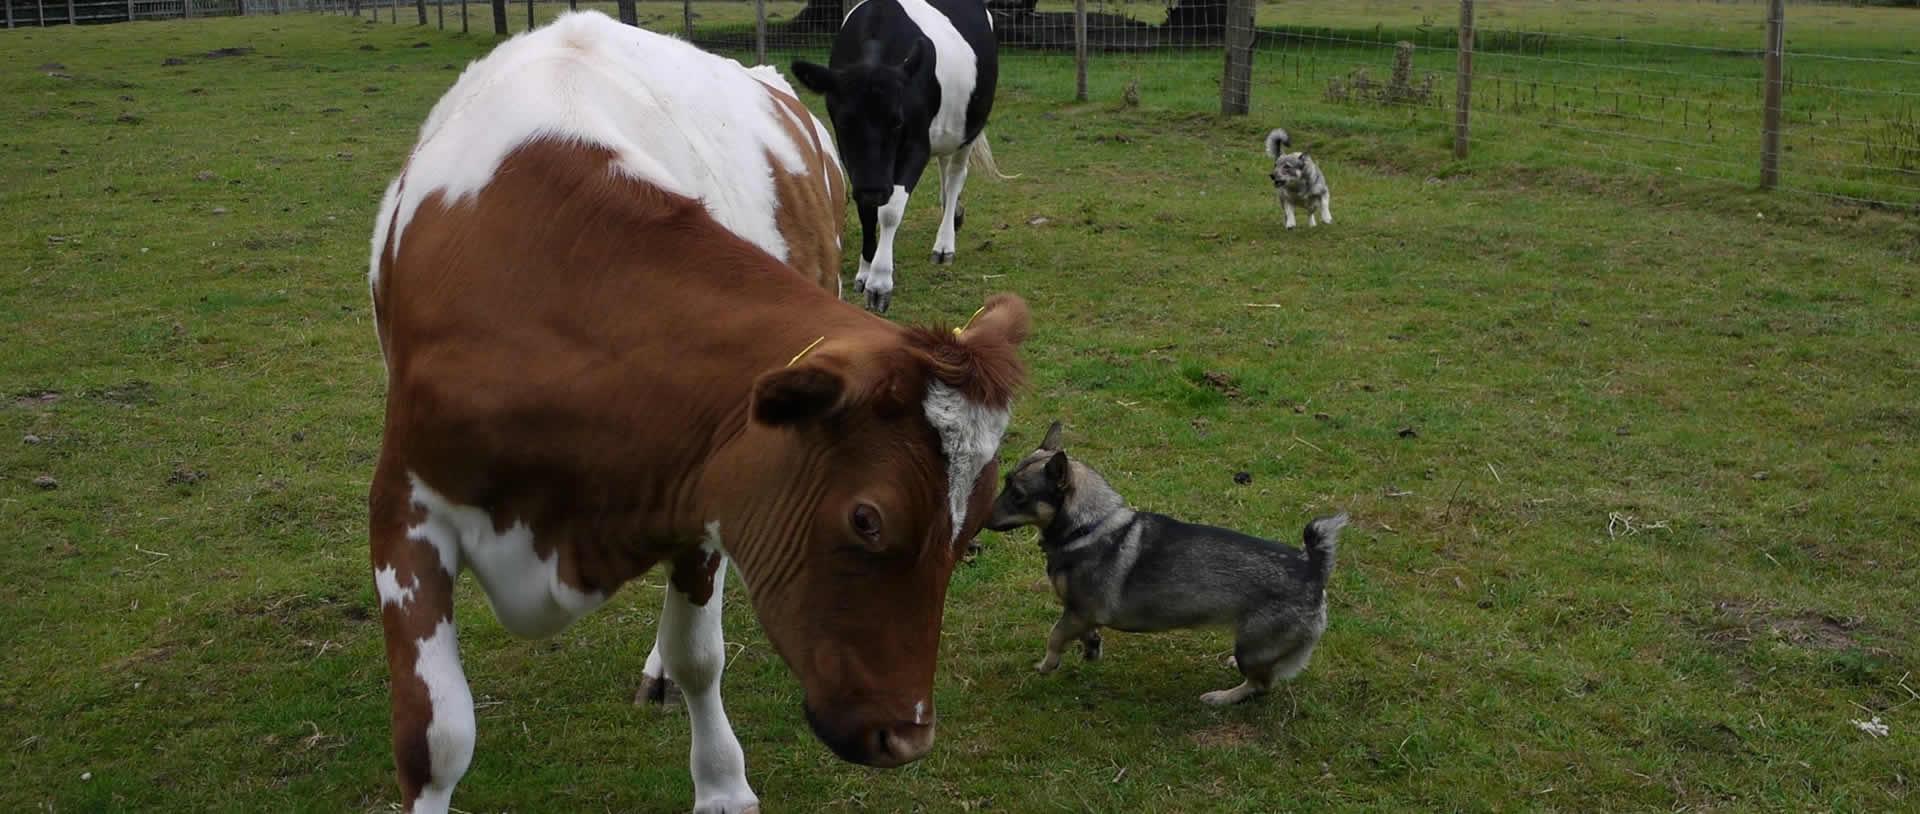 herding2